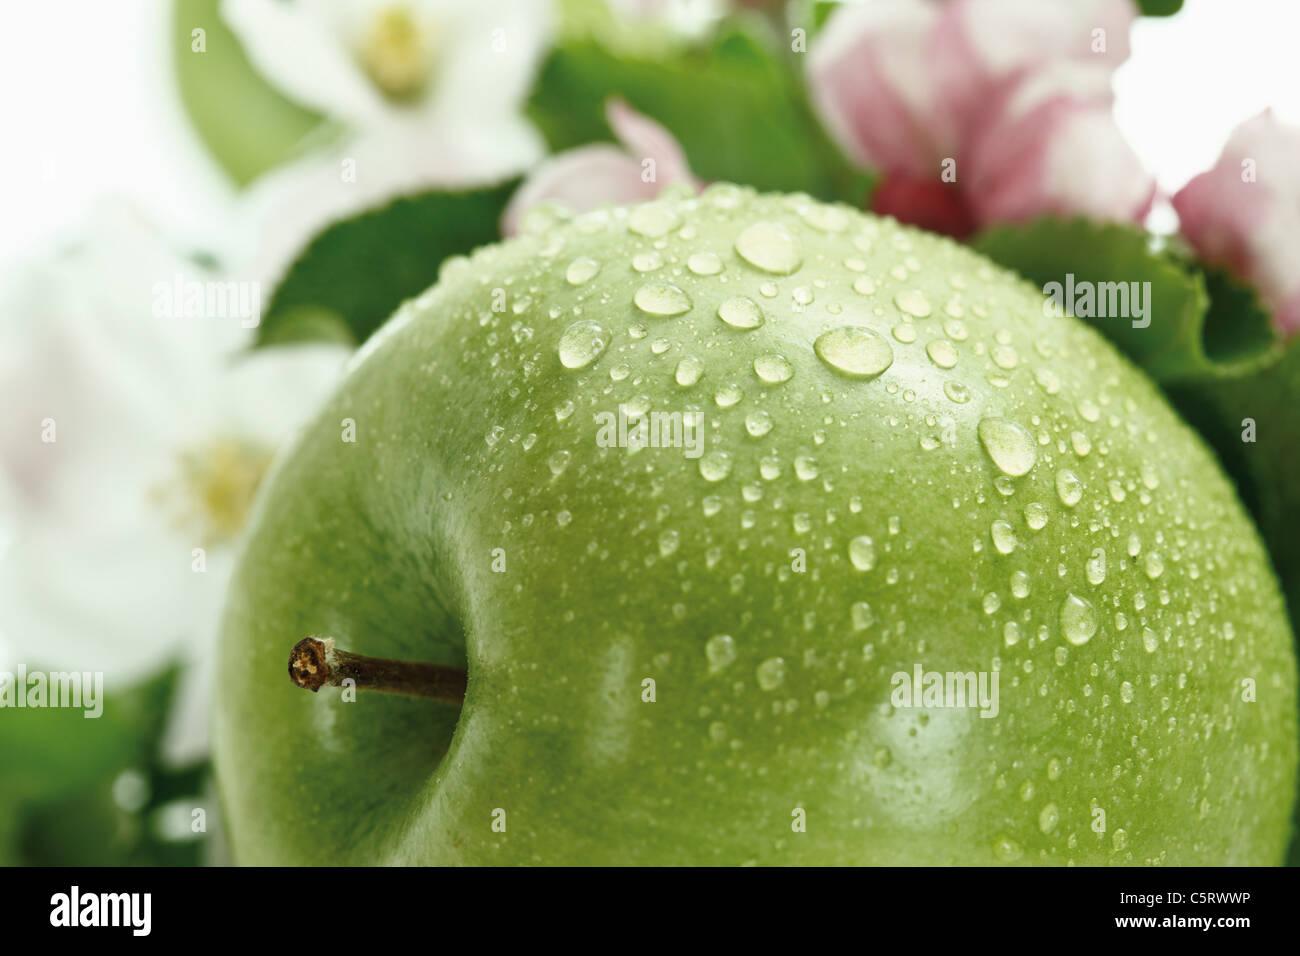 Grüner Apfel mit Wassertropfen im Hintergrund Apfelblüte, Nahaufnahme Stockfoto